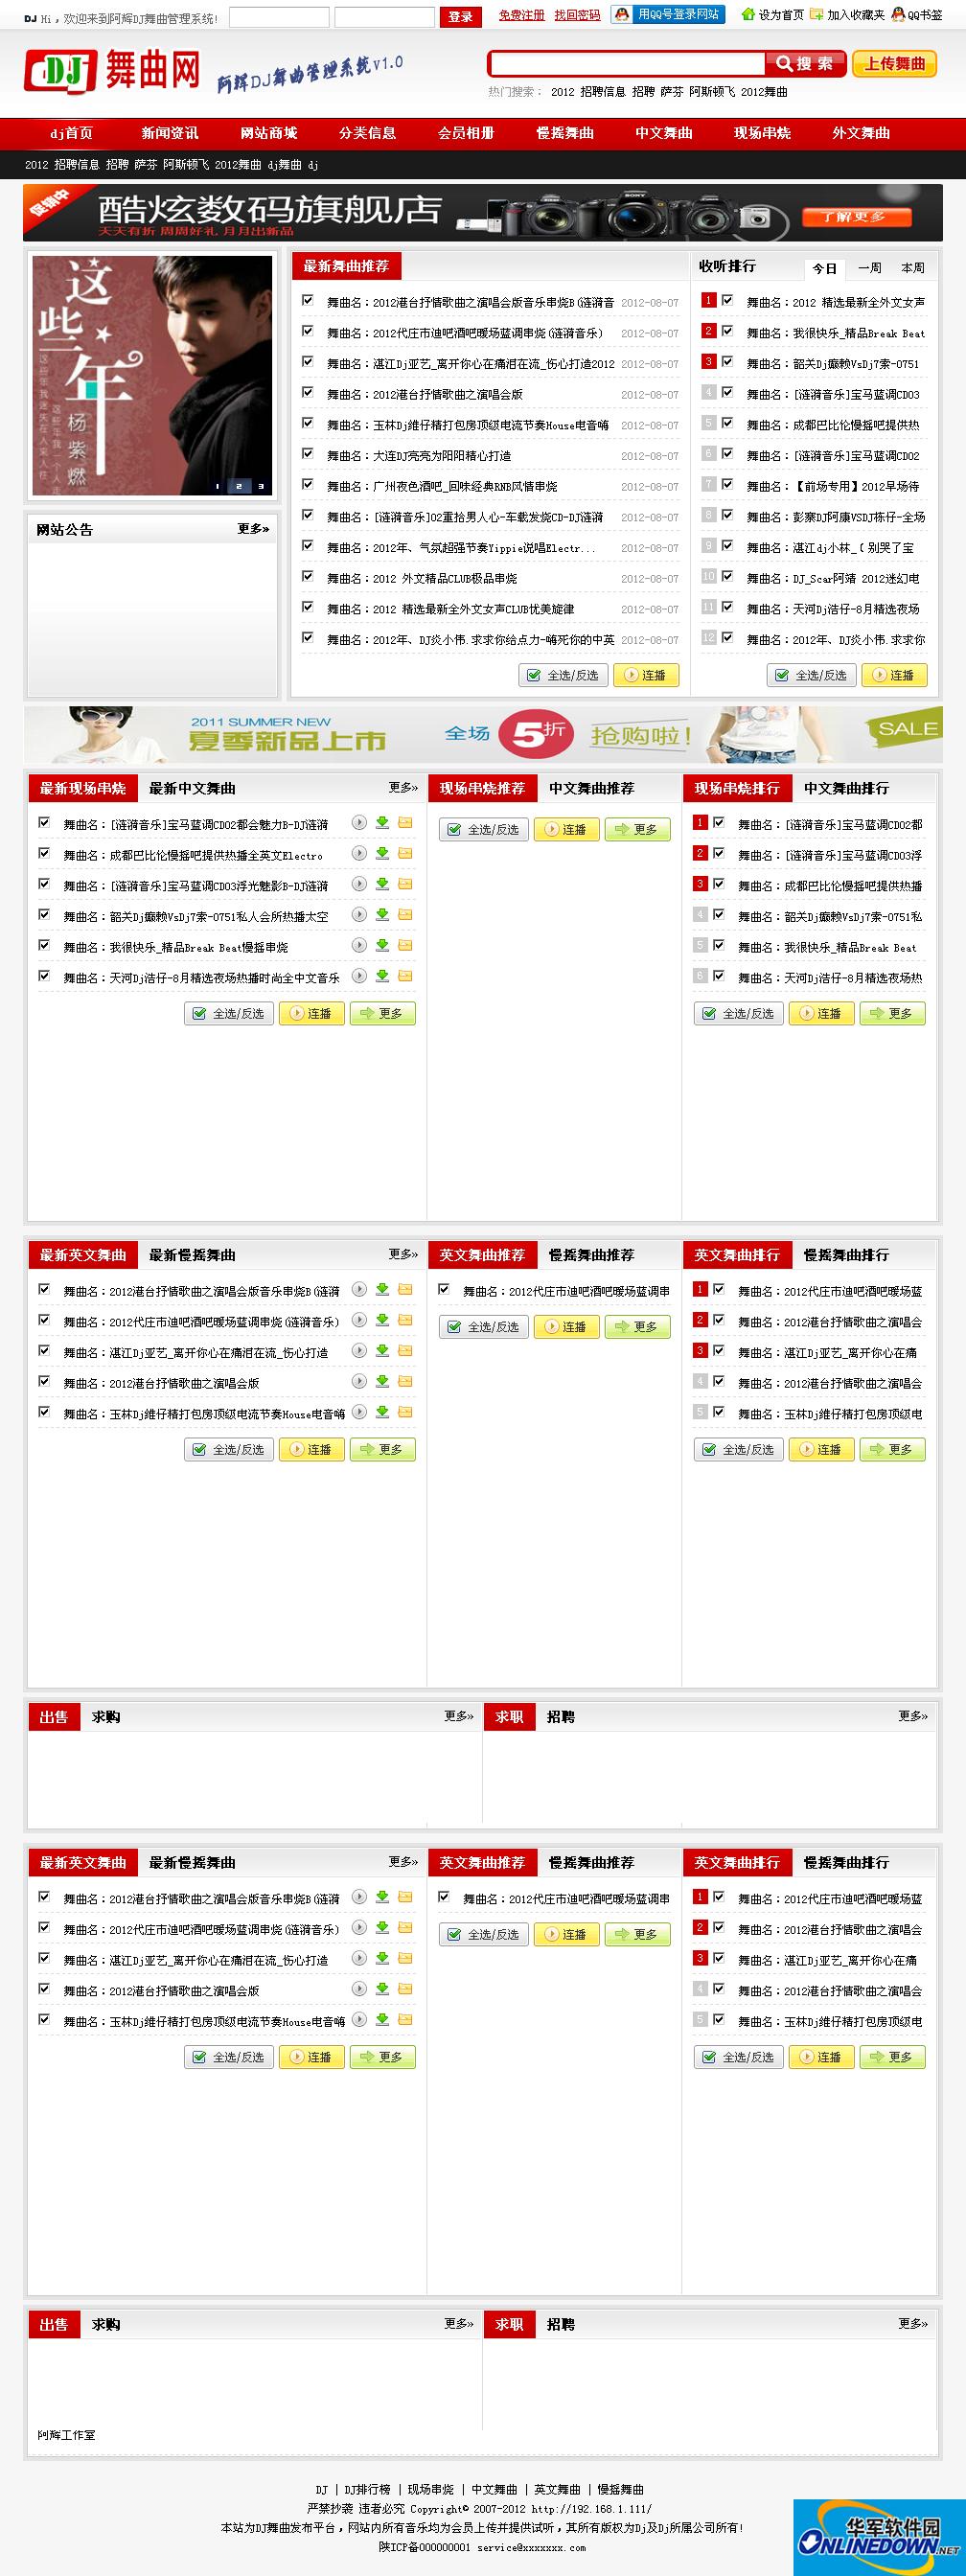 阿辉工作室DJ舞曲管理系统 V1.0